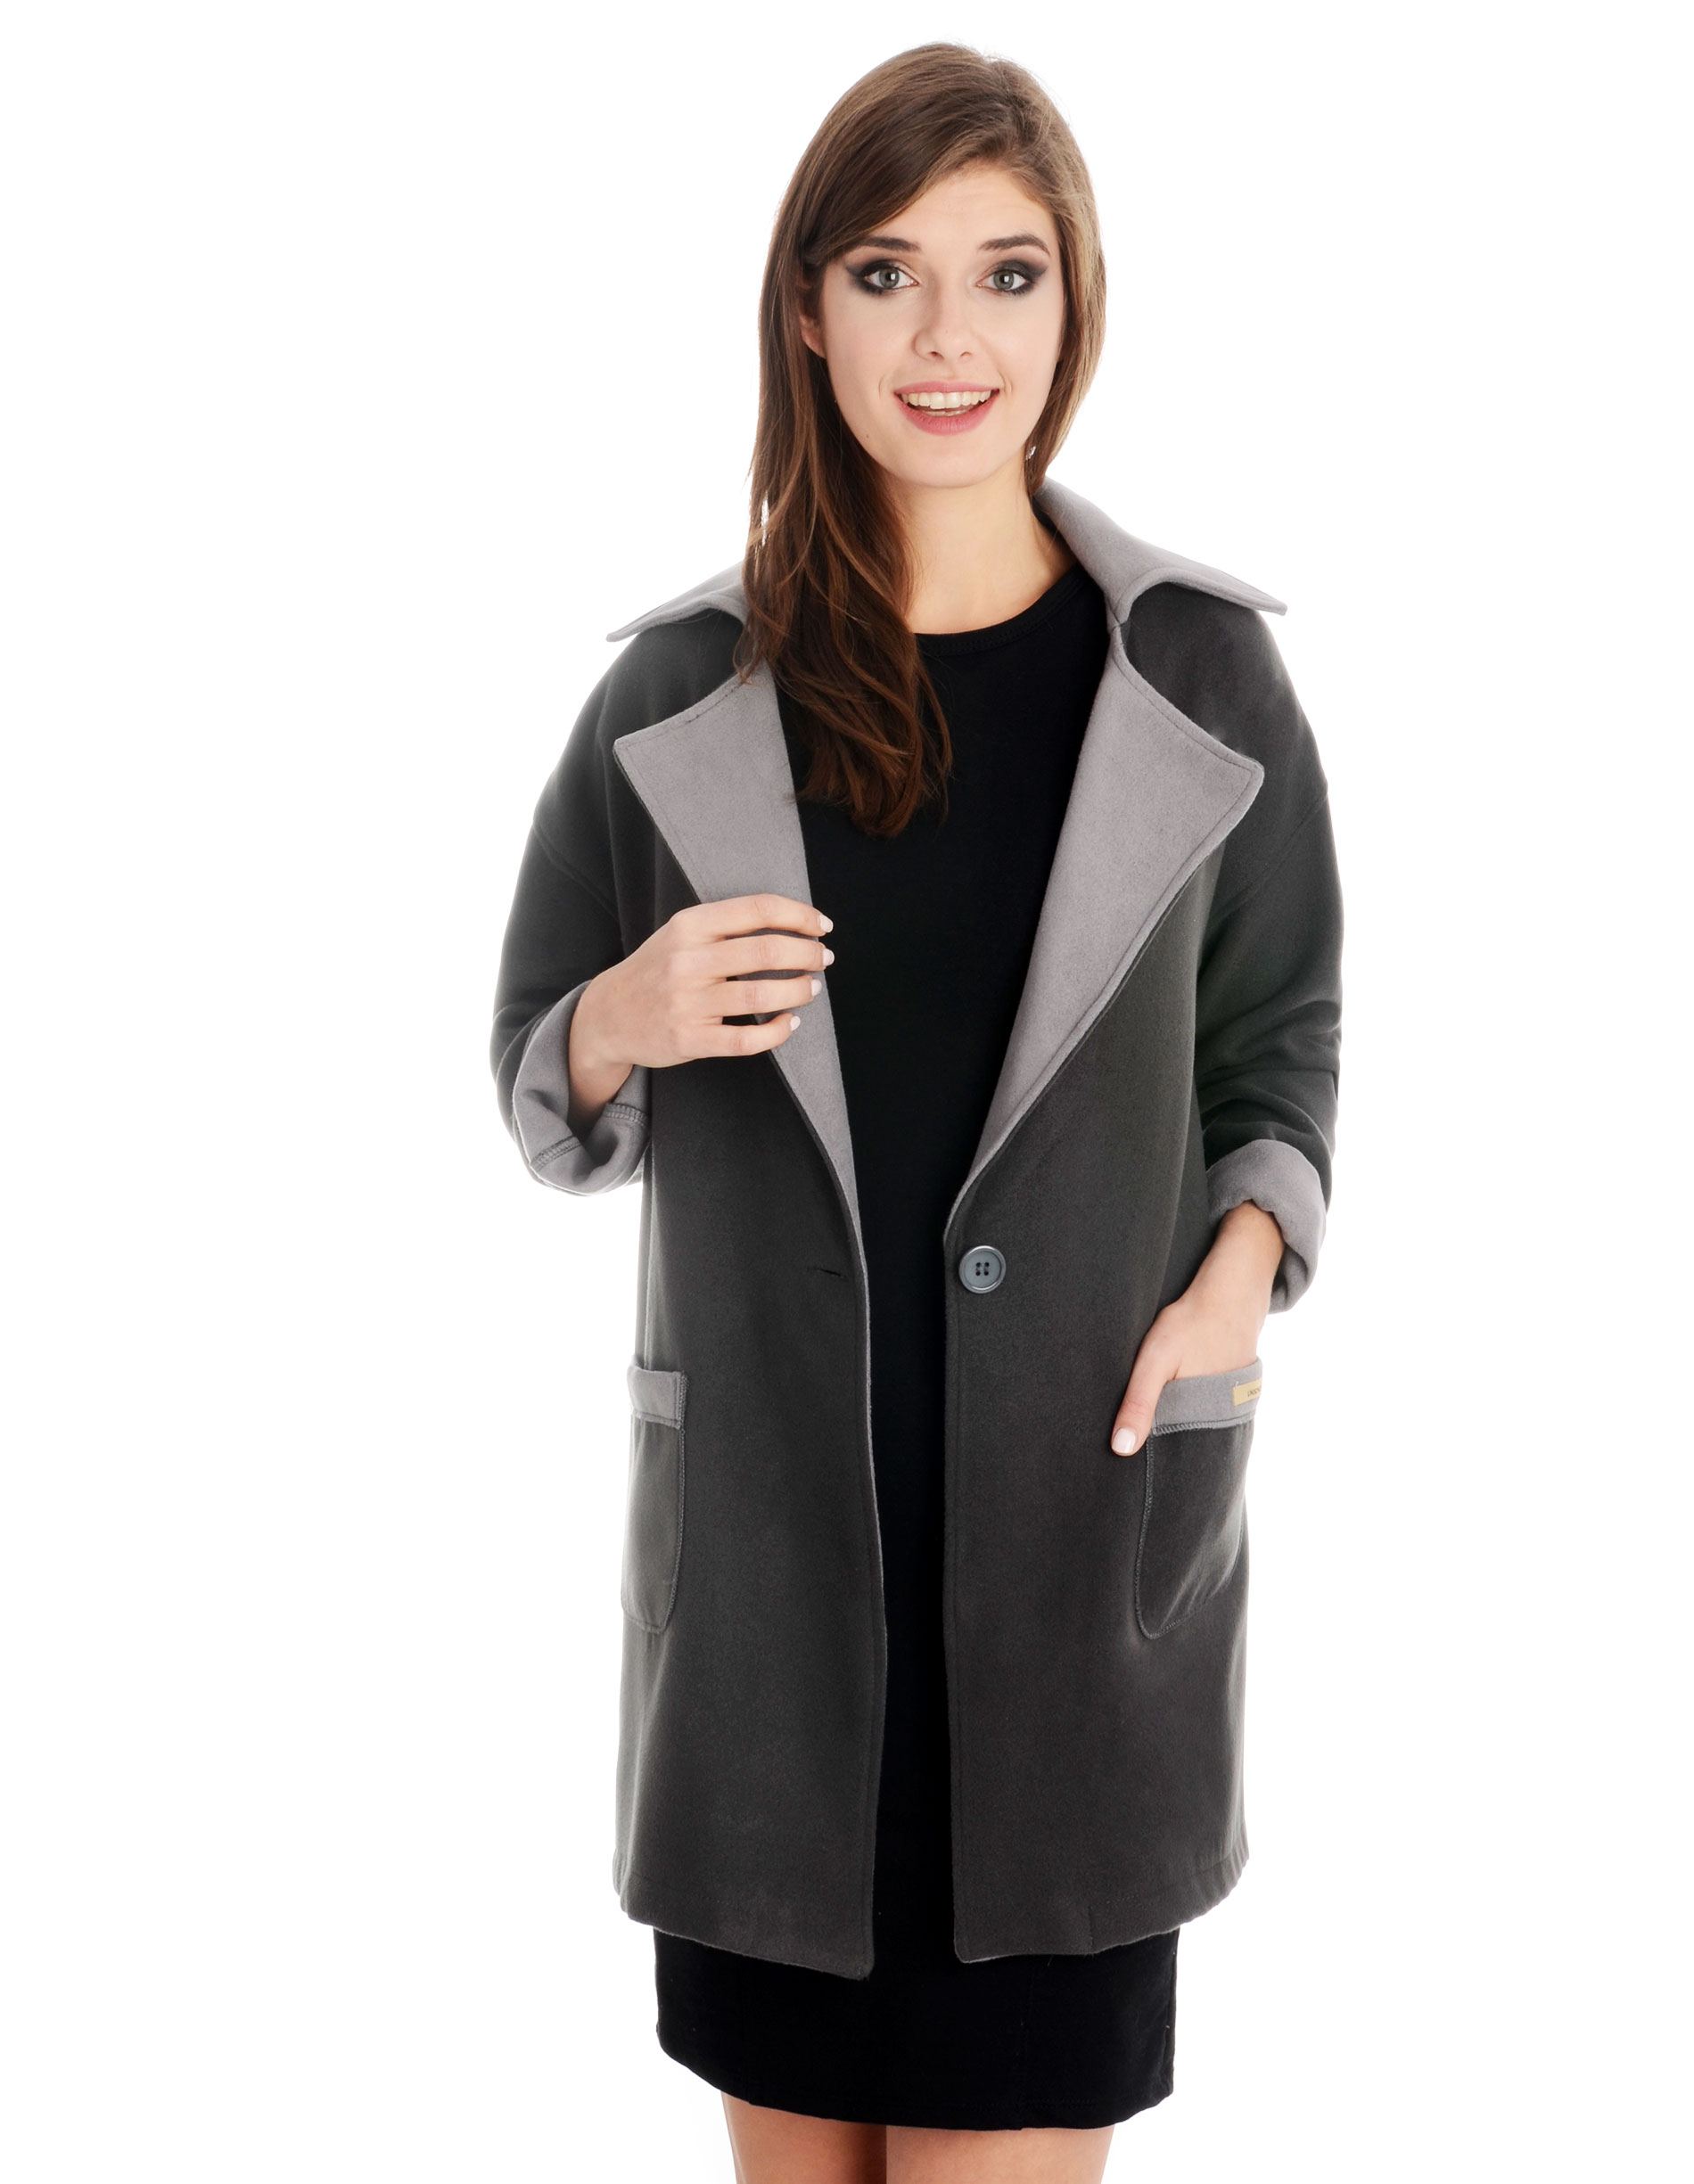 Płaszcz materiałowy - 1-5208 GRS-GC - Unisono